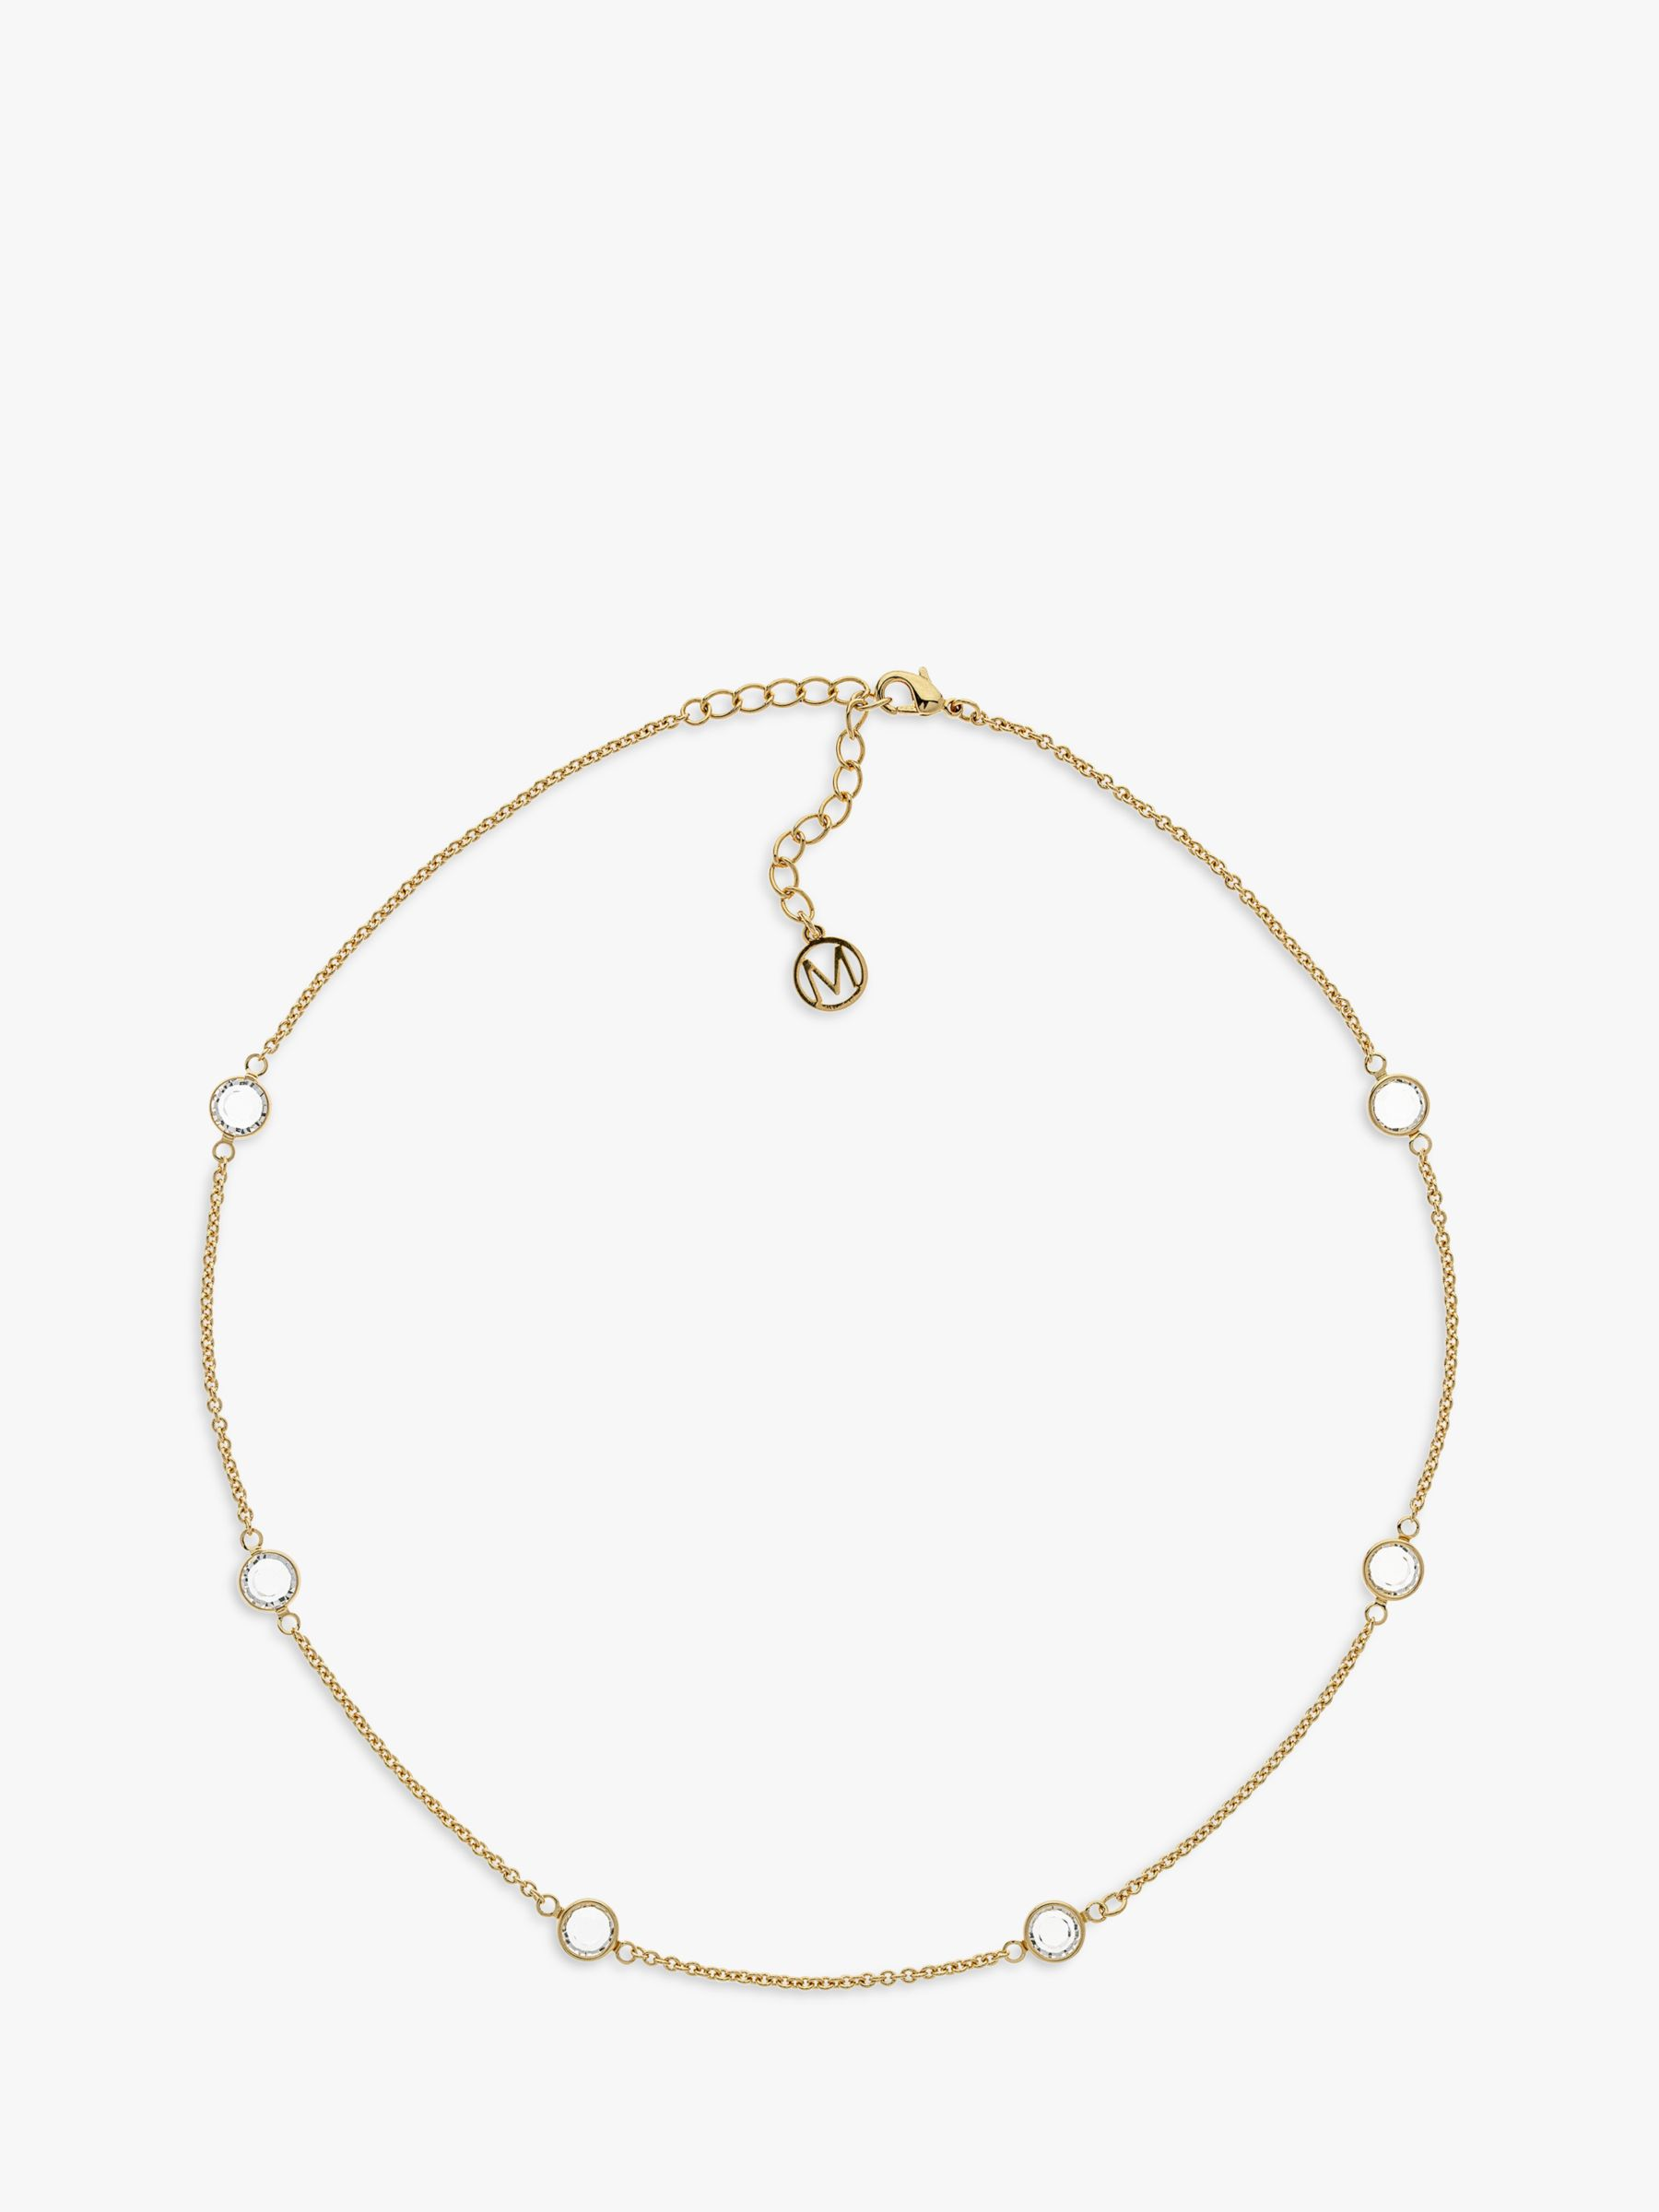 Melissa Odabash Melissa Odabash Glass Crystal Trace Chain Necklace